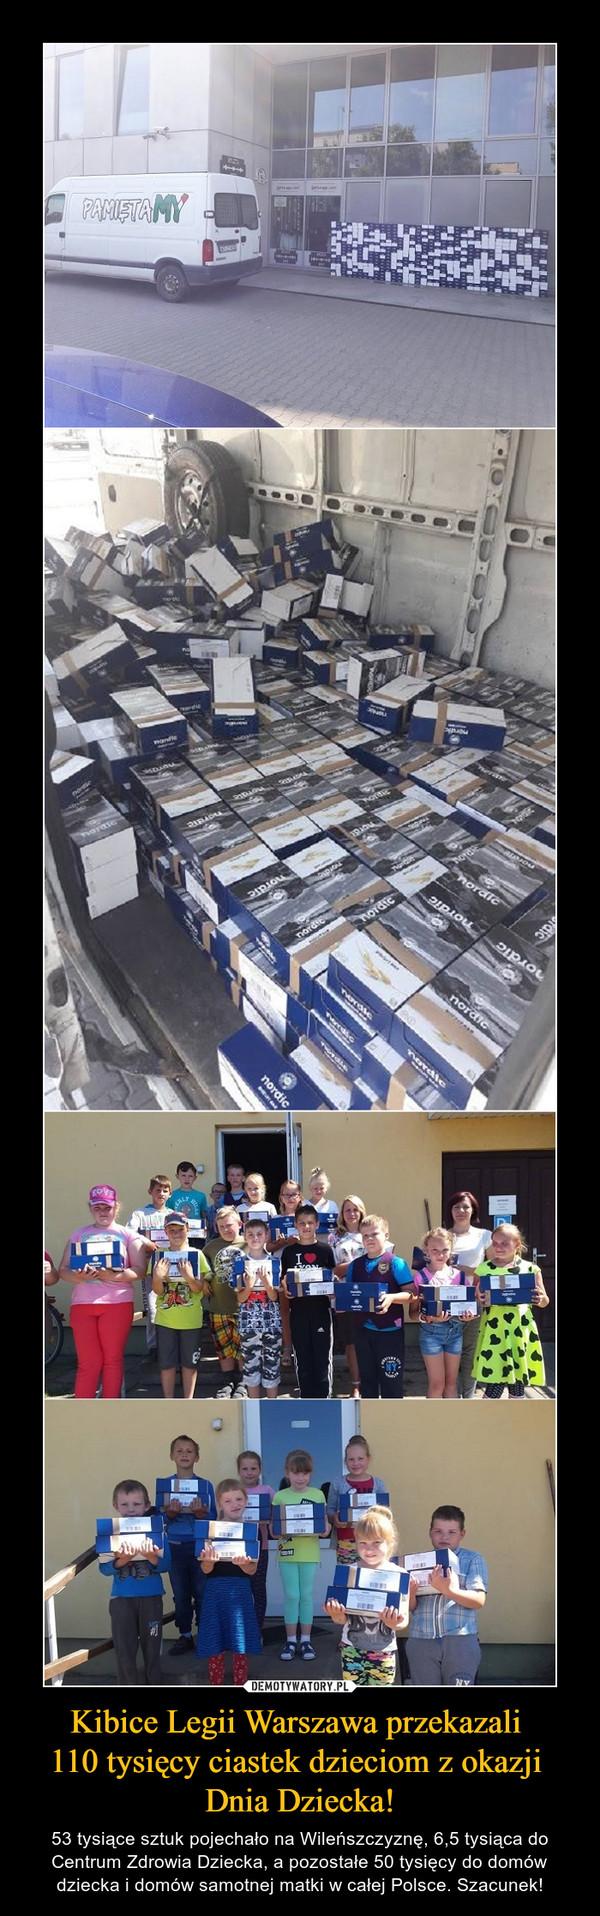 Kibice Legii Warszawa przekazali 110 tysięcy ciastek dzieciom z okazji Dnia Dziecka! – 53 tysiące sztuk pojechało na Wileńszczyznę, 6,5 tysiąca do Centrum Zdrowia Dziecka, a pozostałe 50 tysięcy do domów dziecka i domów samotnej matki w całej Polsce. Szacunek!